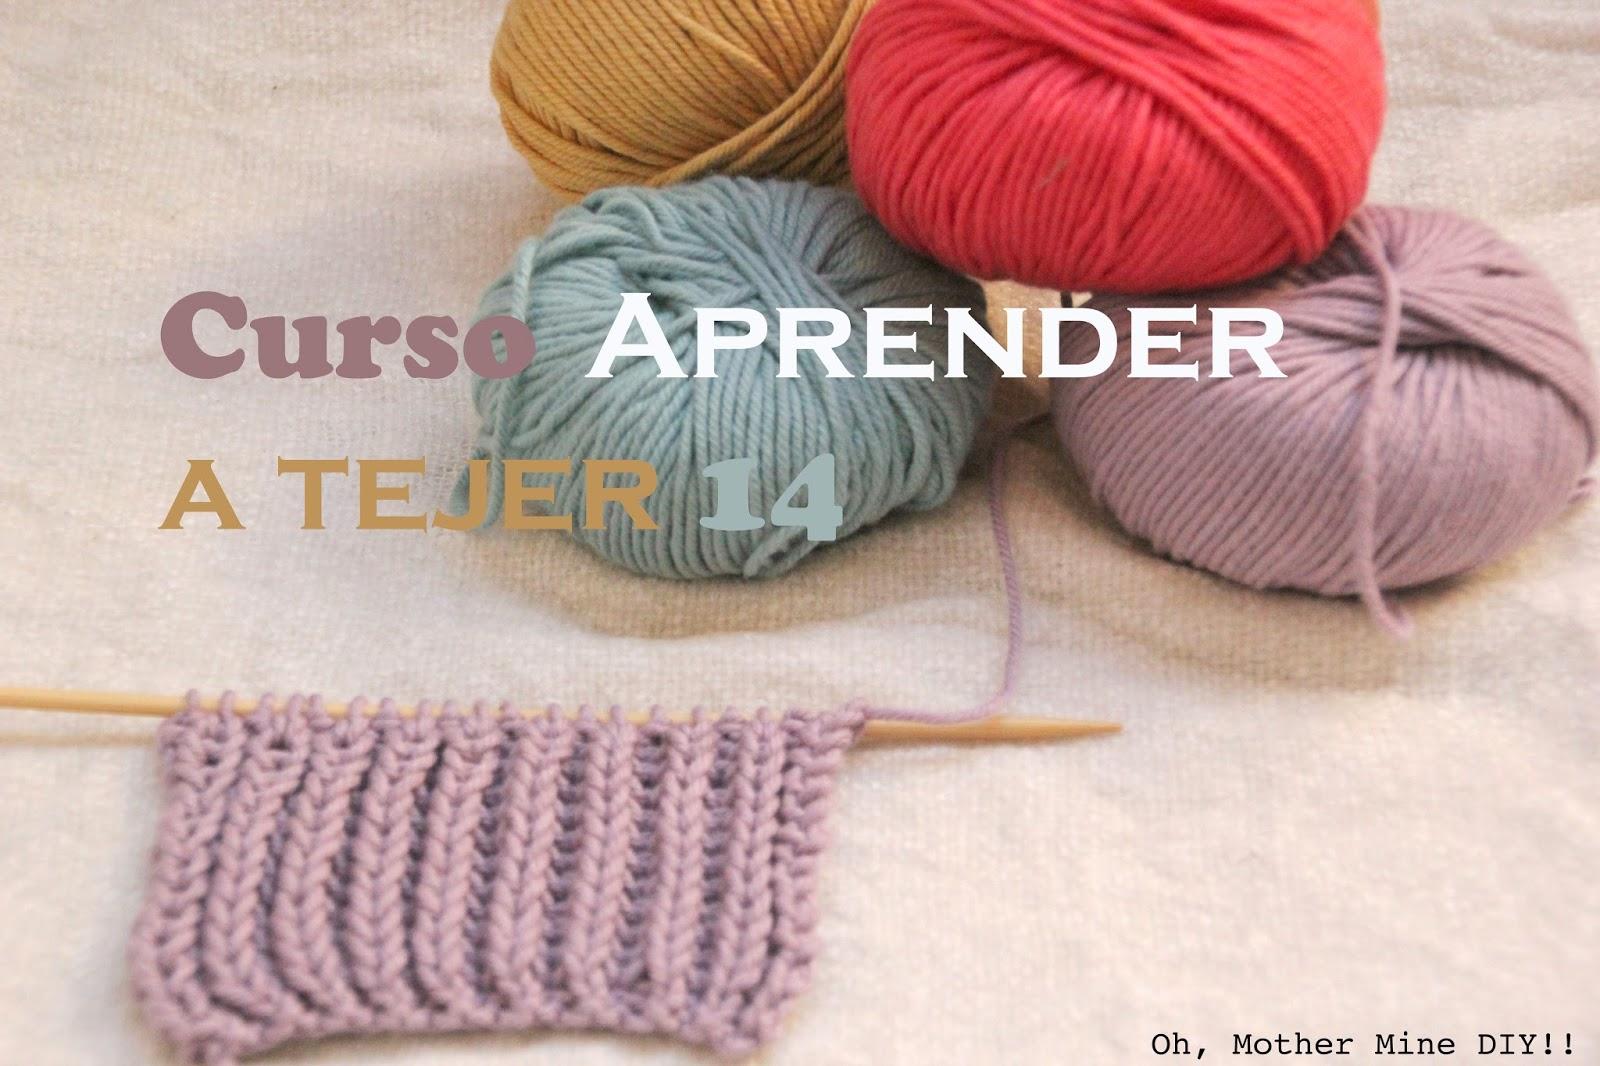 coser.: Curso APRENDER A TEJER CON DOS AGUJAS (Cap 14) Punto inglés